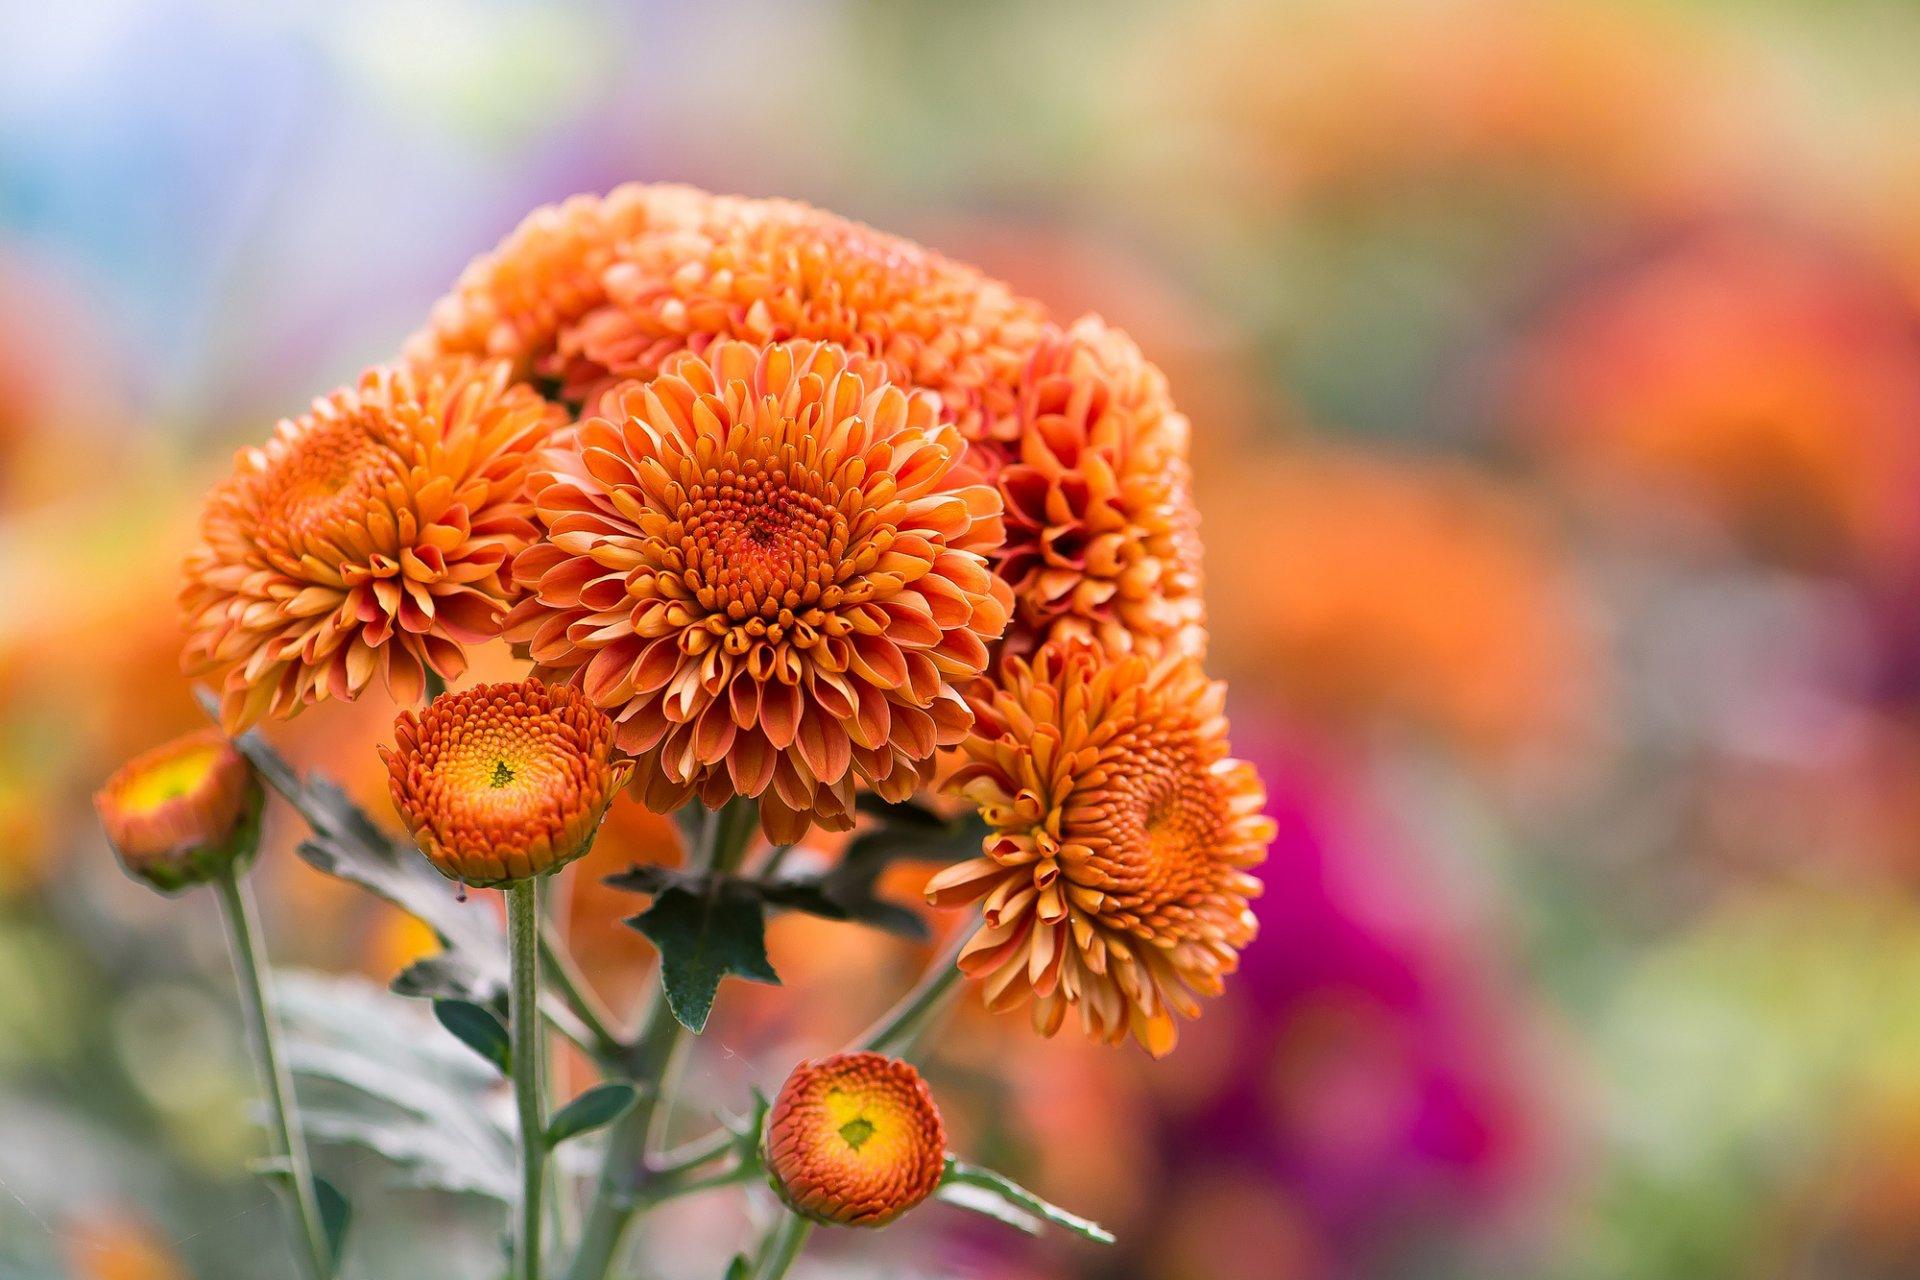 началось картинки на телефон красивые осенние цветы ходе акции спортивные